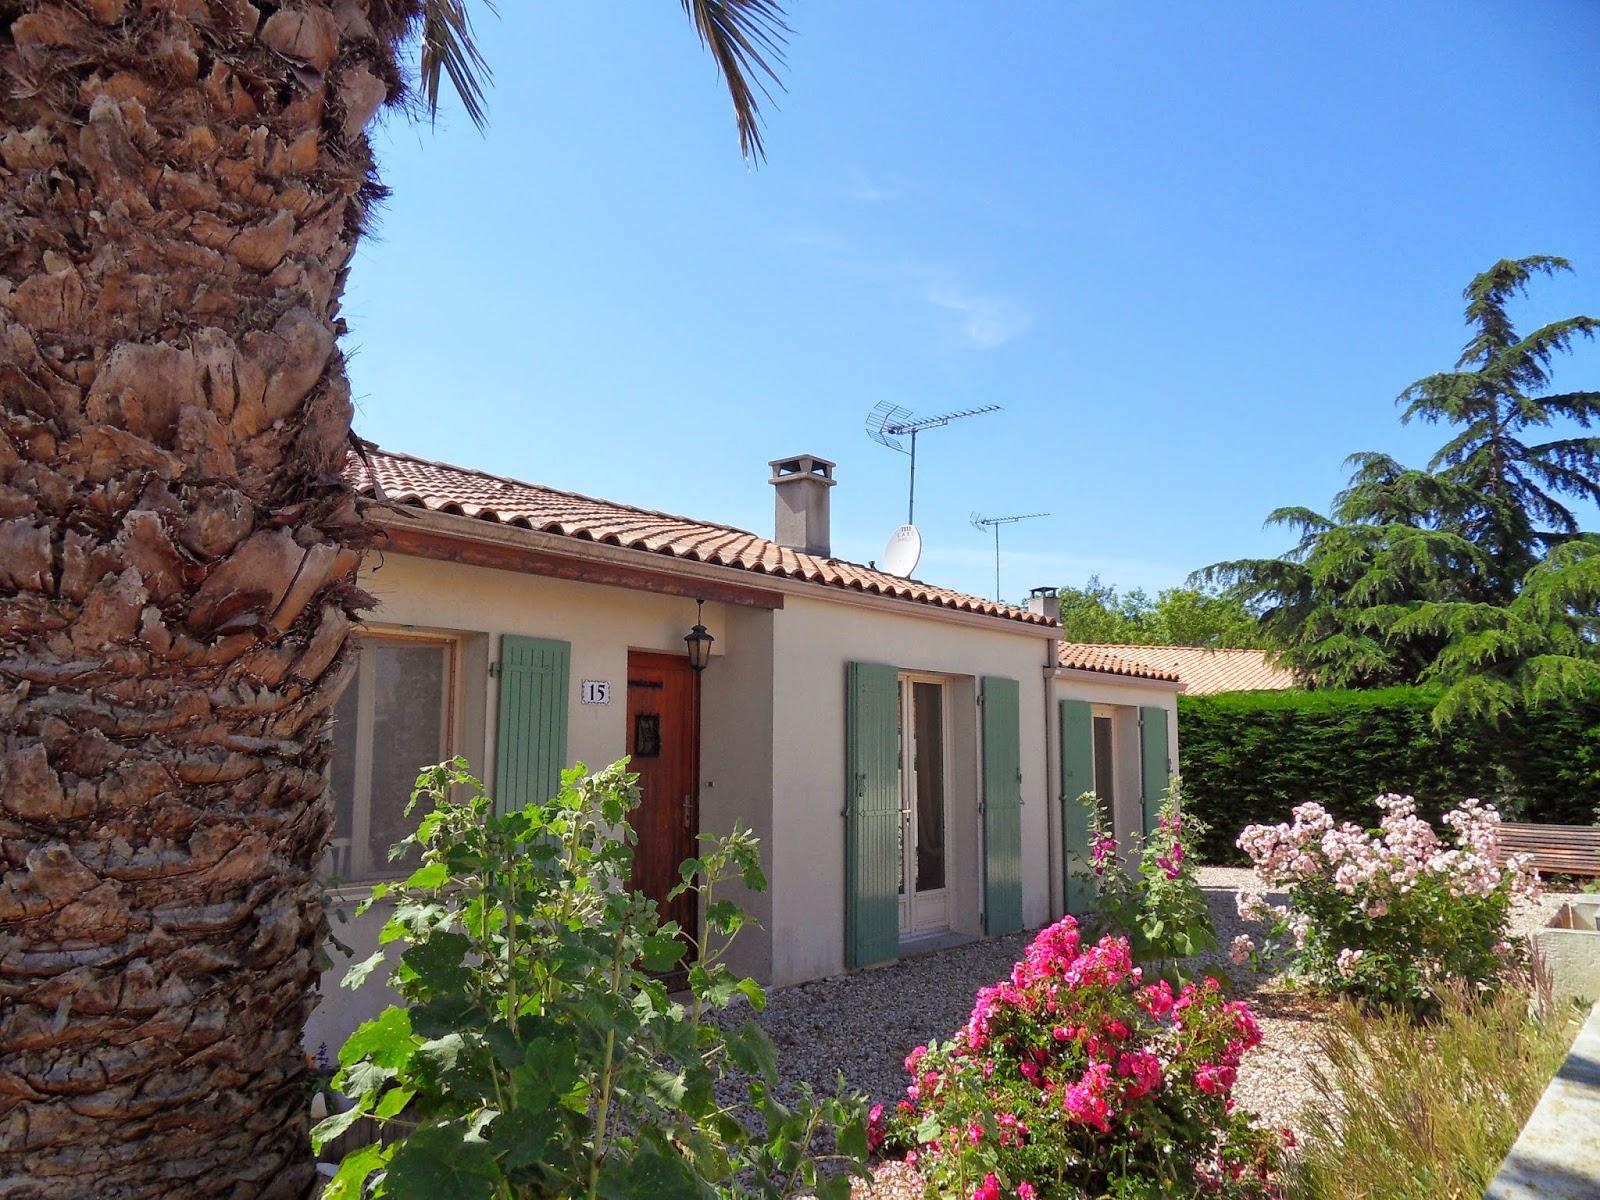 Maison denis pour 6 personnes - Maison jardin toulouse location saint denis ...